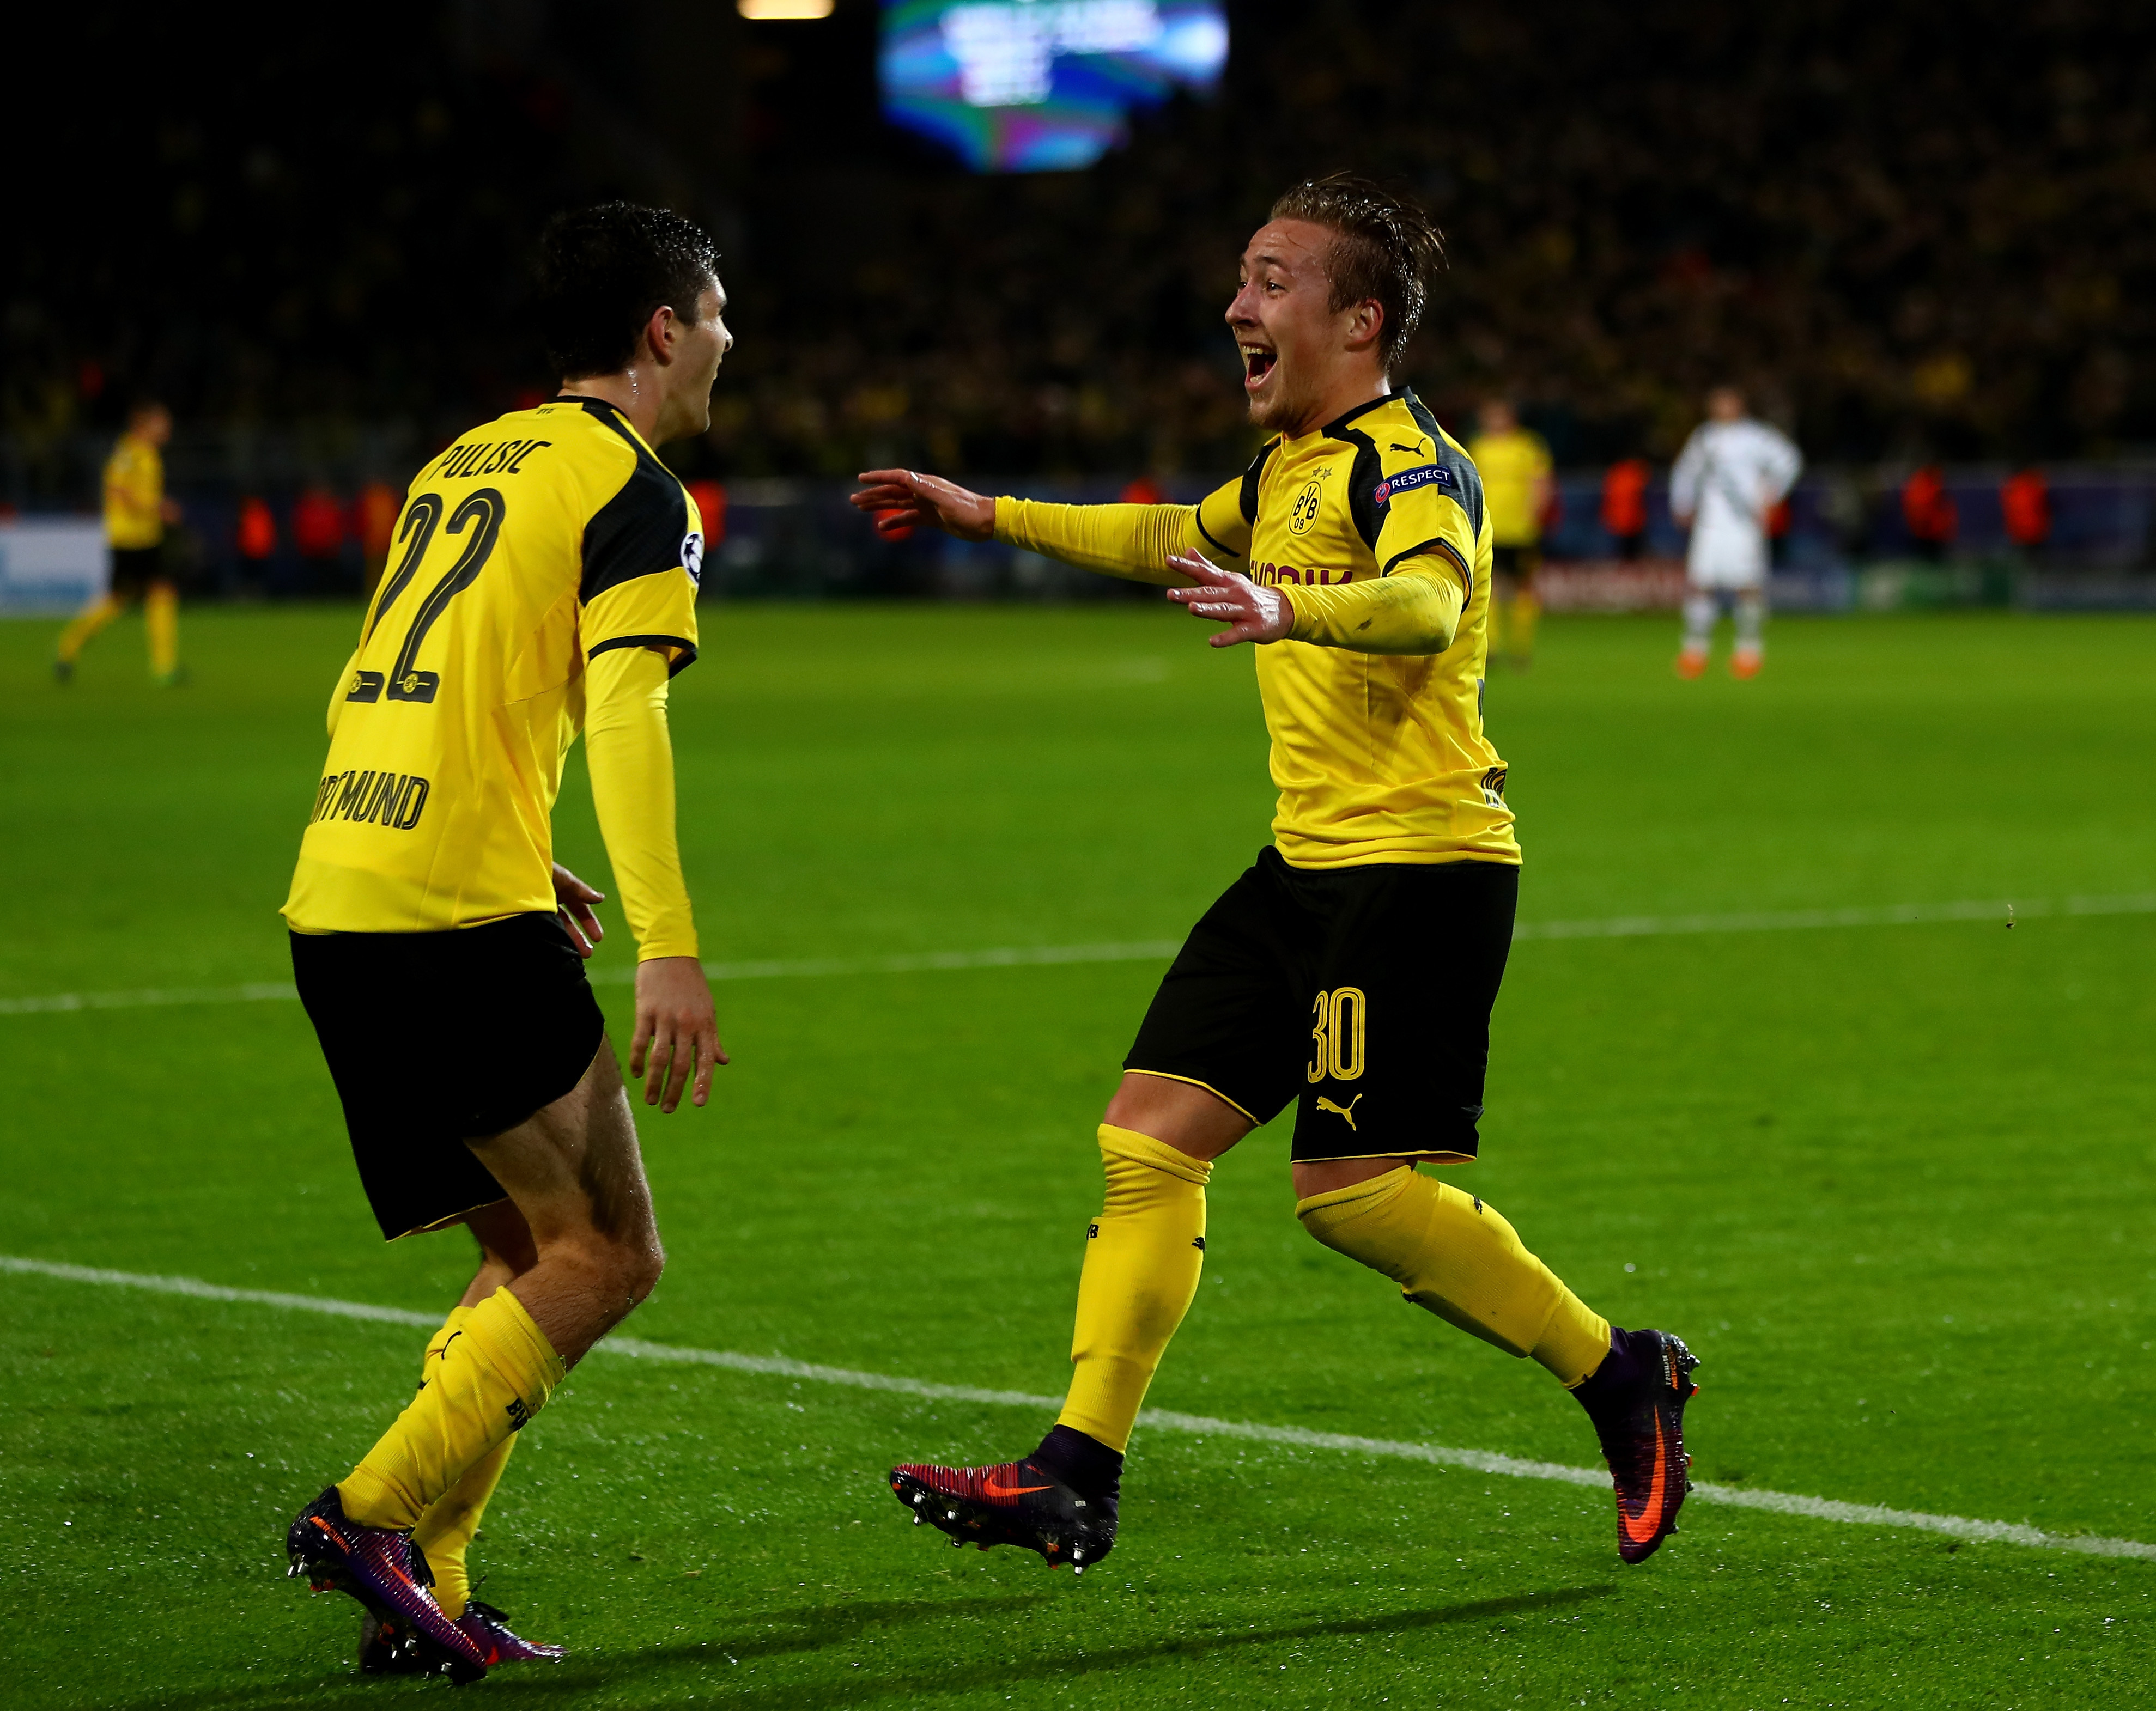 Pictures Of Borussia Dortmund